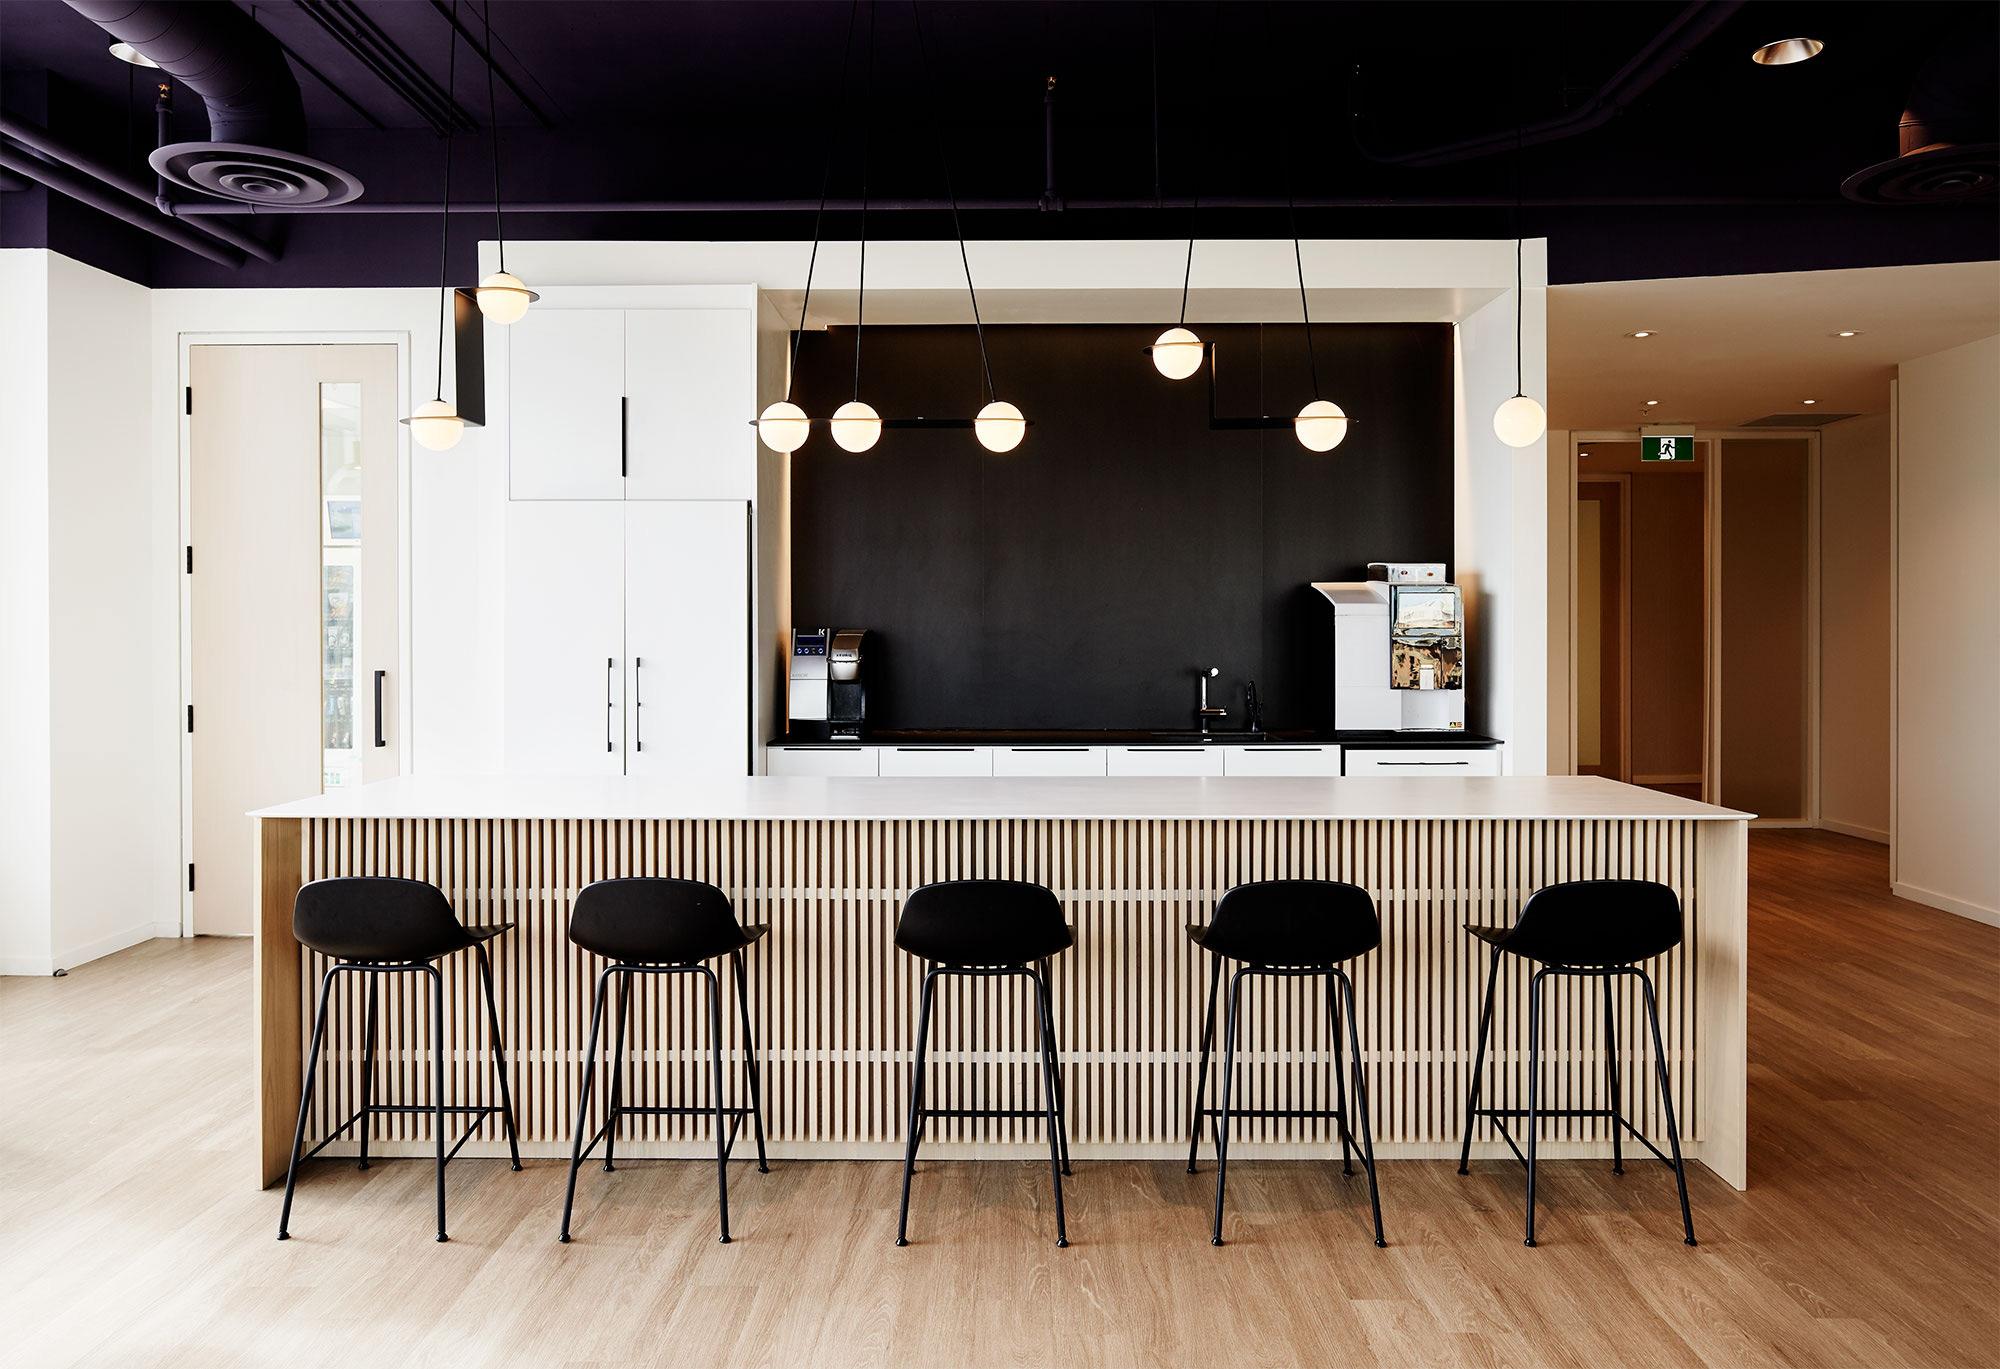 halifax-interior-design-law-office-kitchen.jpg